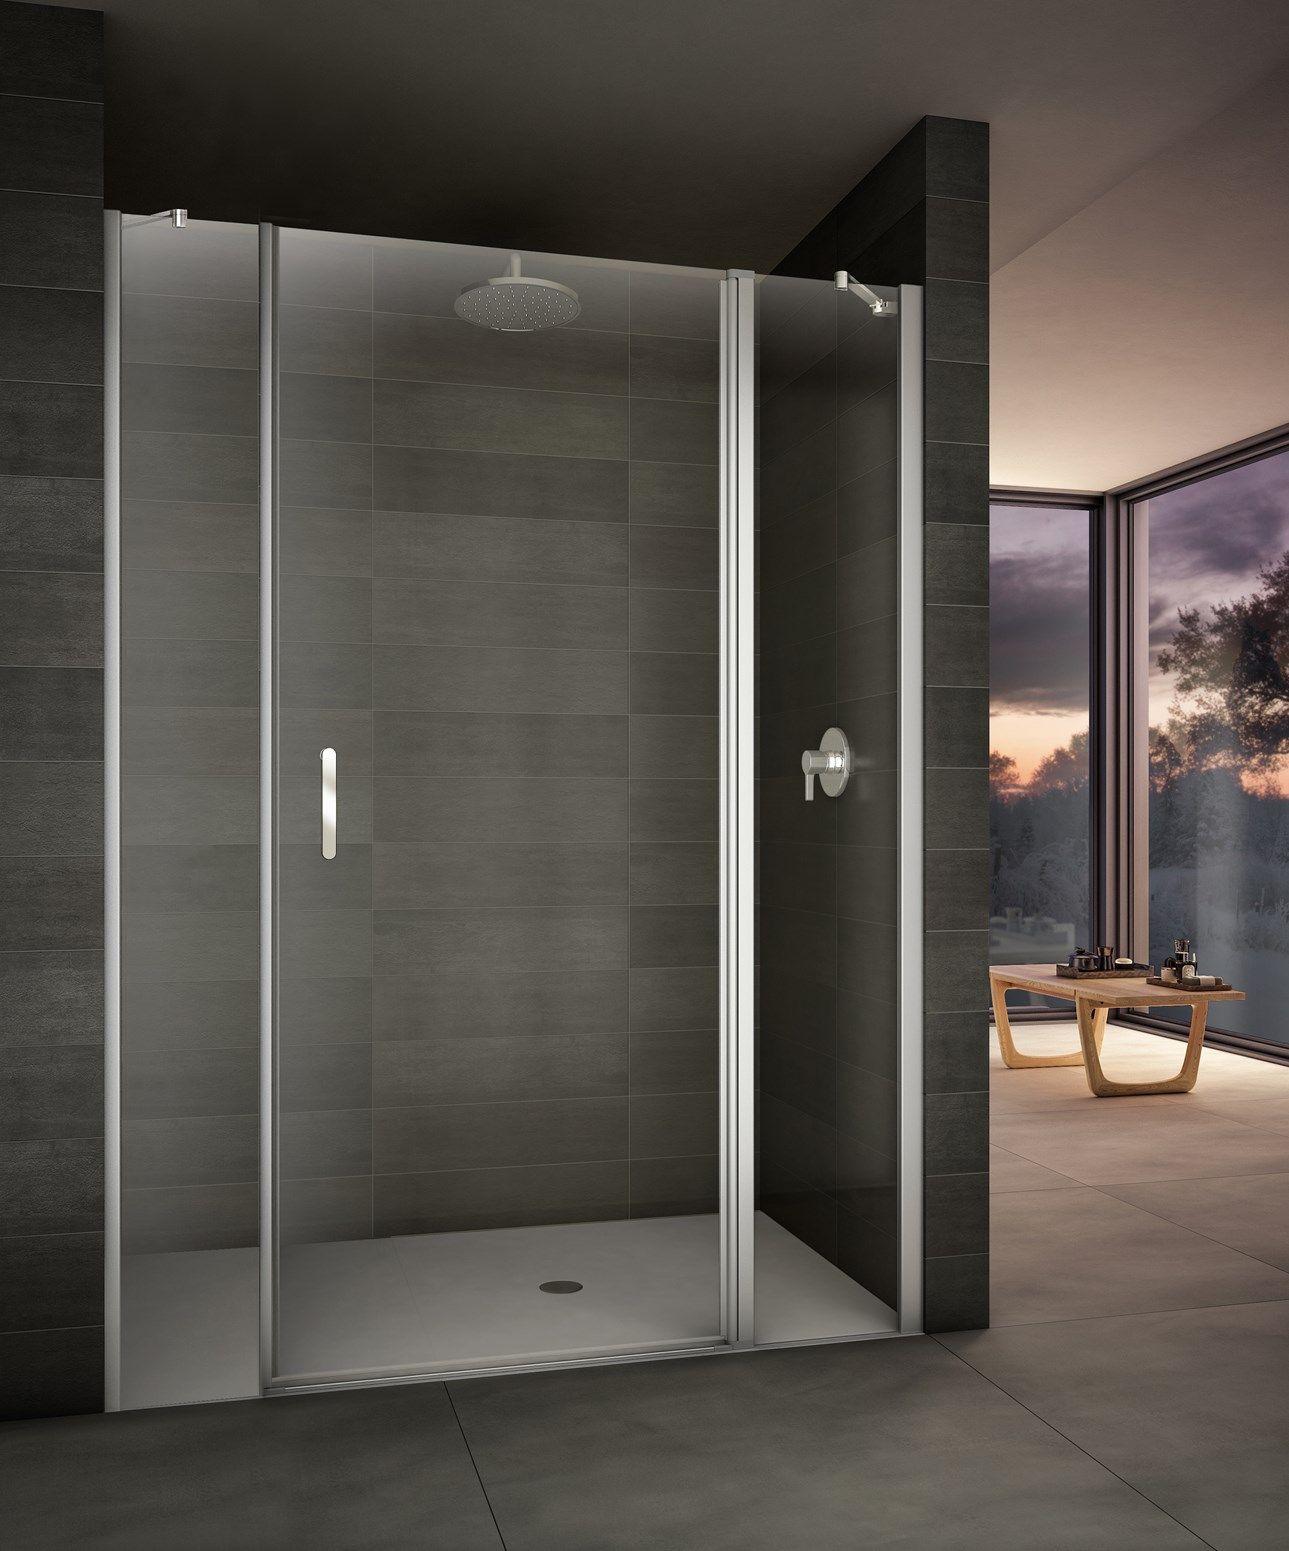 Serie Look di Provex: l'essenzialità del design con un ottimo rapporto qualità-prezzo